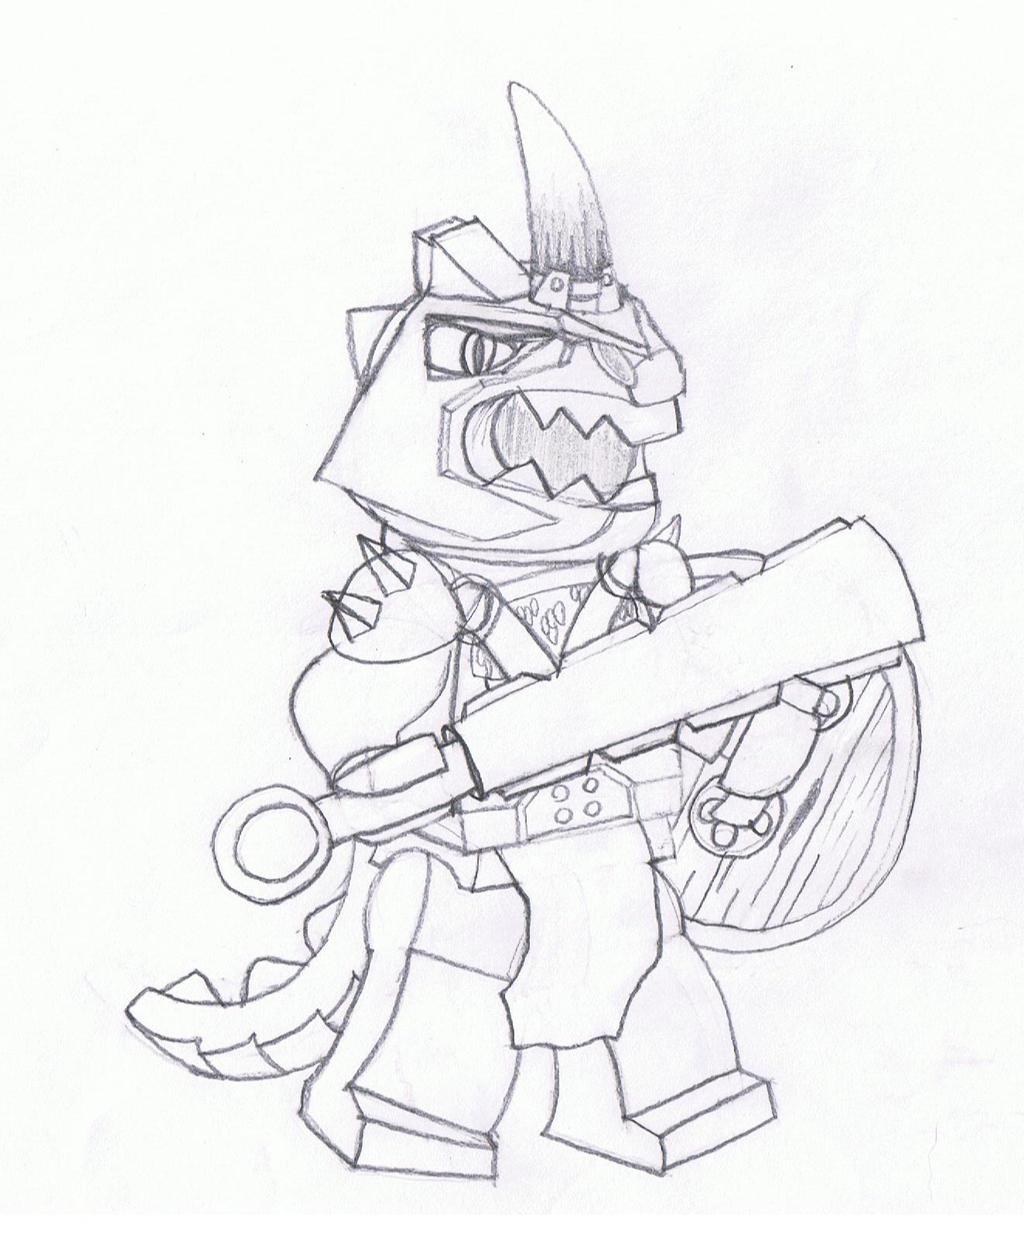 LEGO Lizardman warrior by Brickule